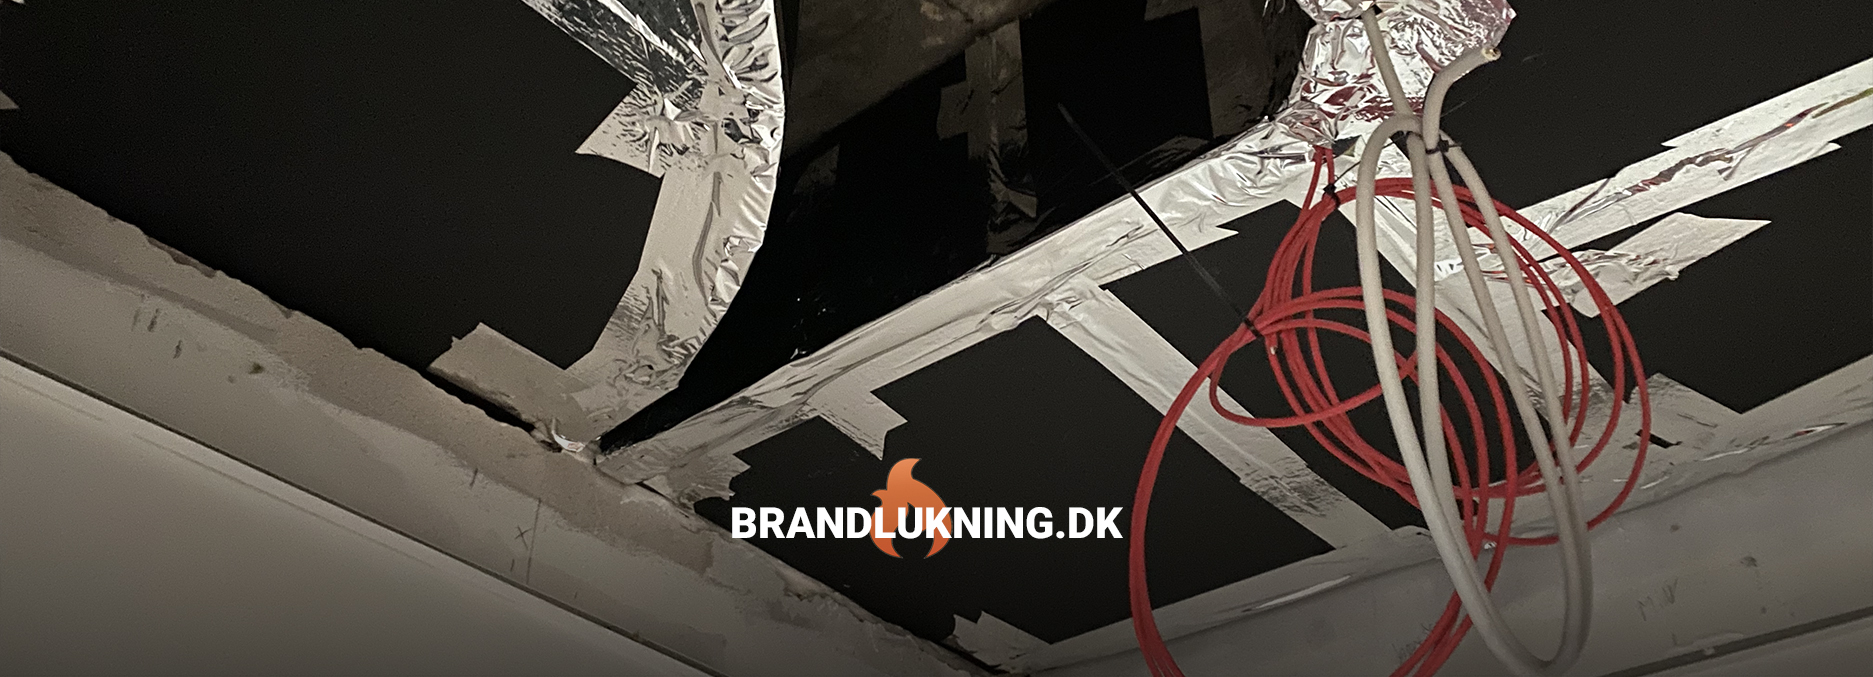 slider_brandlukning3